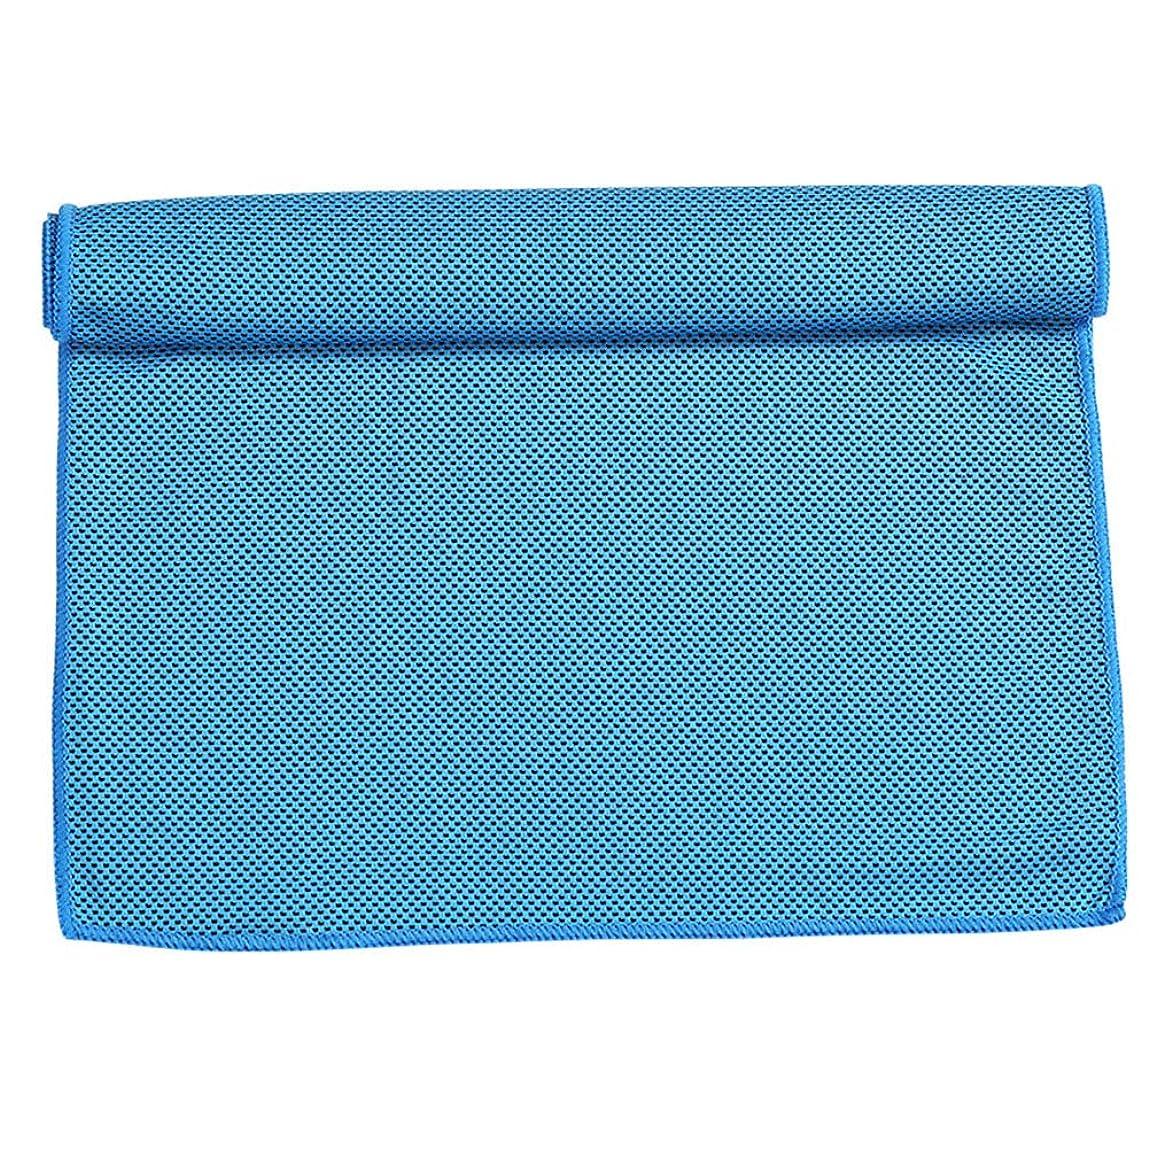 シティ申請者シンカンクールタオル吸水速乾スポーツタオル男女大人子供水泳ビーチタオルスパ-blue-30*100CM